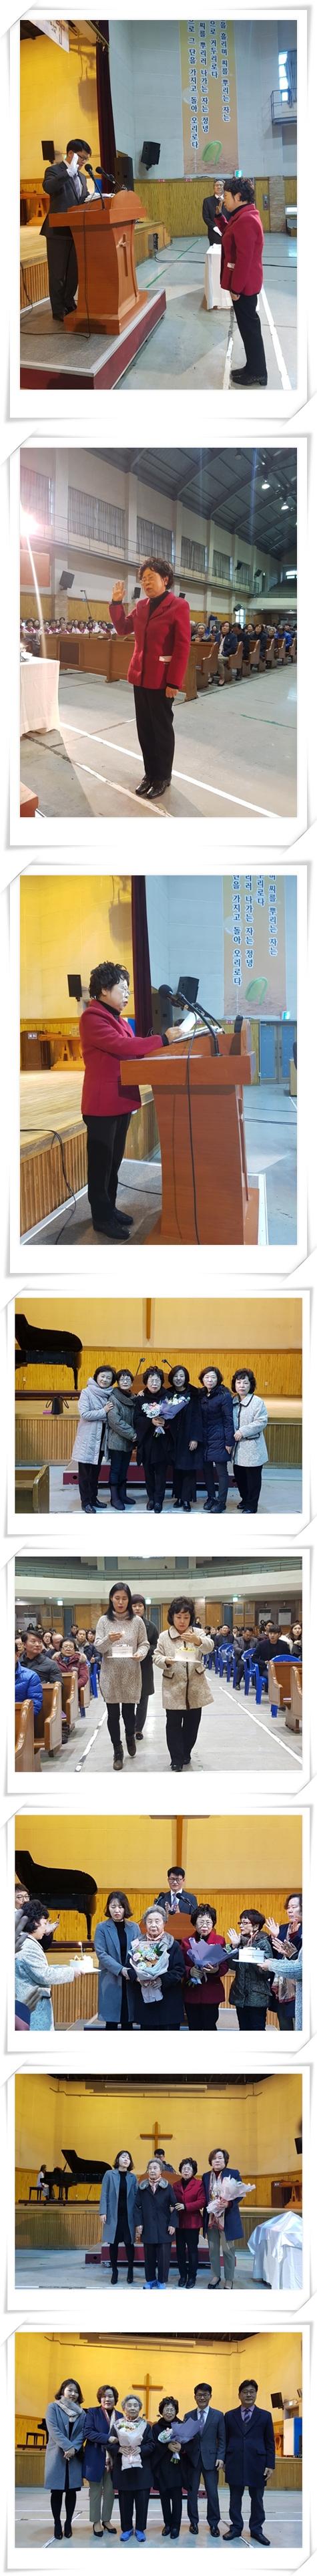 20171126 입교 세례식